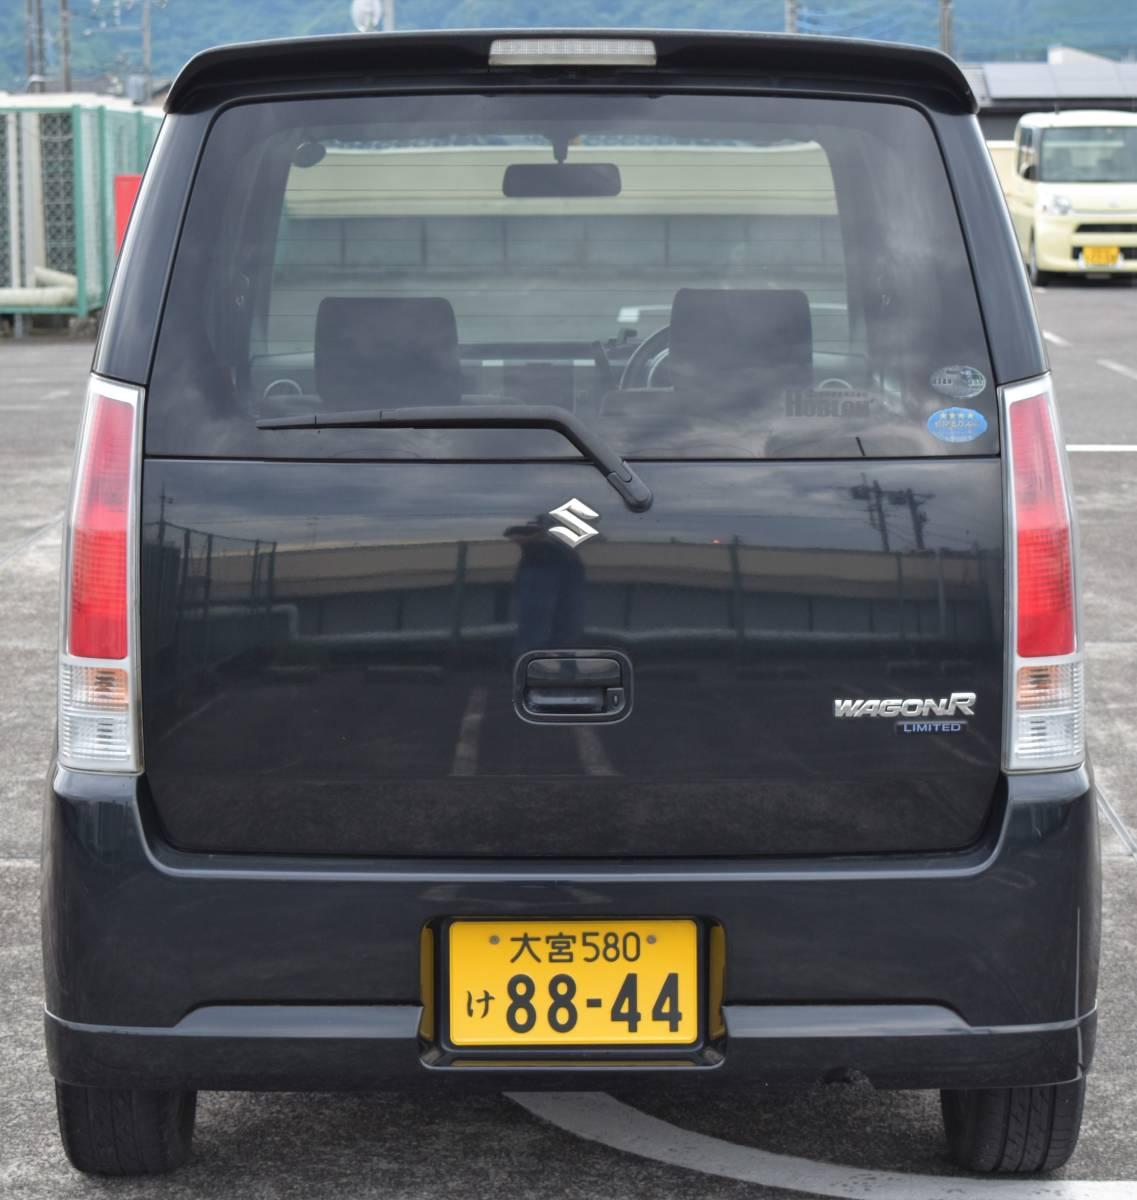 ◆車検付き!!◆スズキ◆ワゴンR◆FX-Sリミテッド!!◆修復歴なし!!◆スマートキー!!◆タイミングチェーン!!◆すぐに乗って帰れます!!◆_画像6